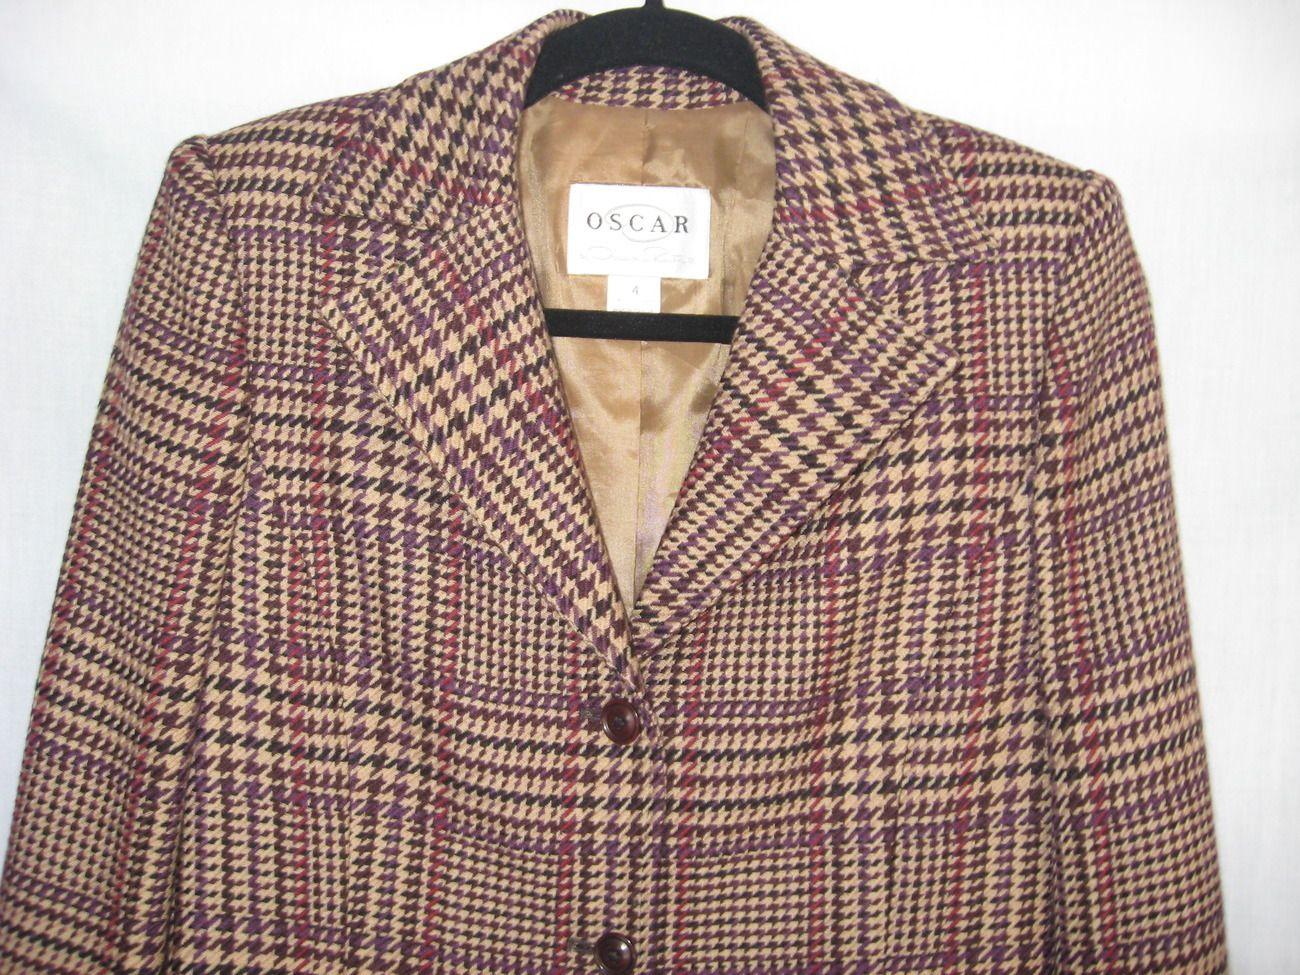 Oscar De La Renta Womens Wool Jacket Blazer Size 4 Designer Coat  $19 @newandDejaVU store @bonanzamarket